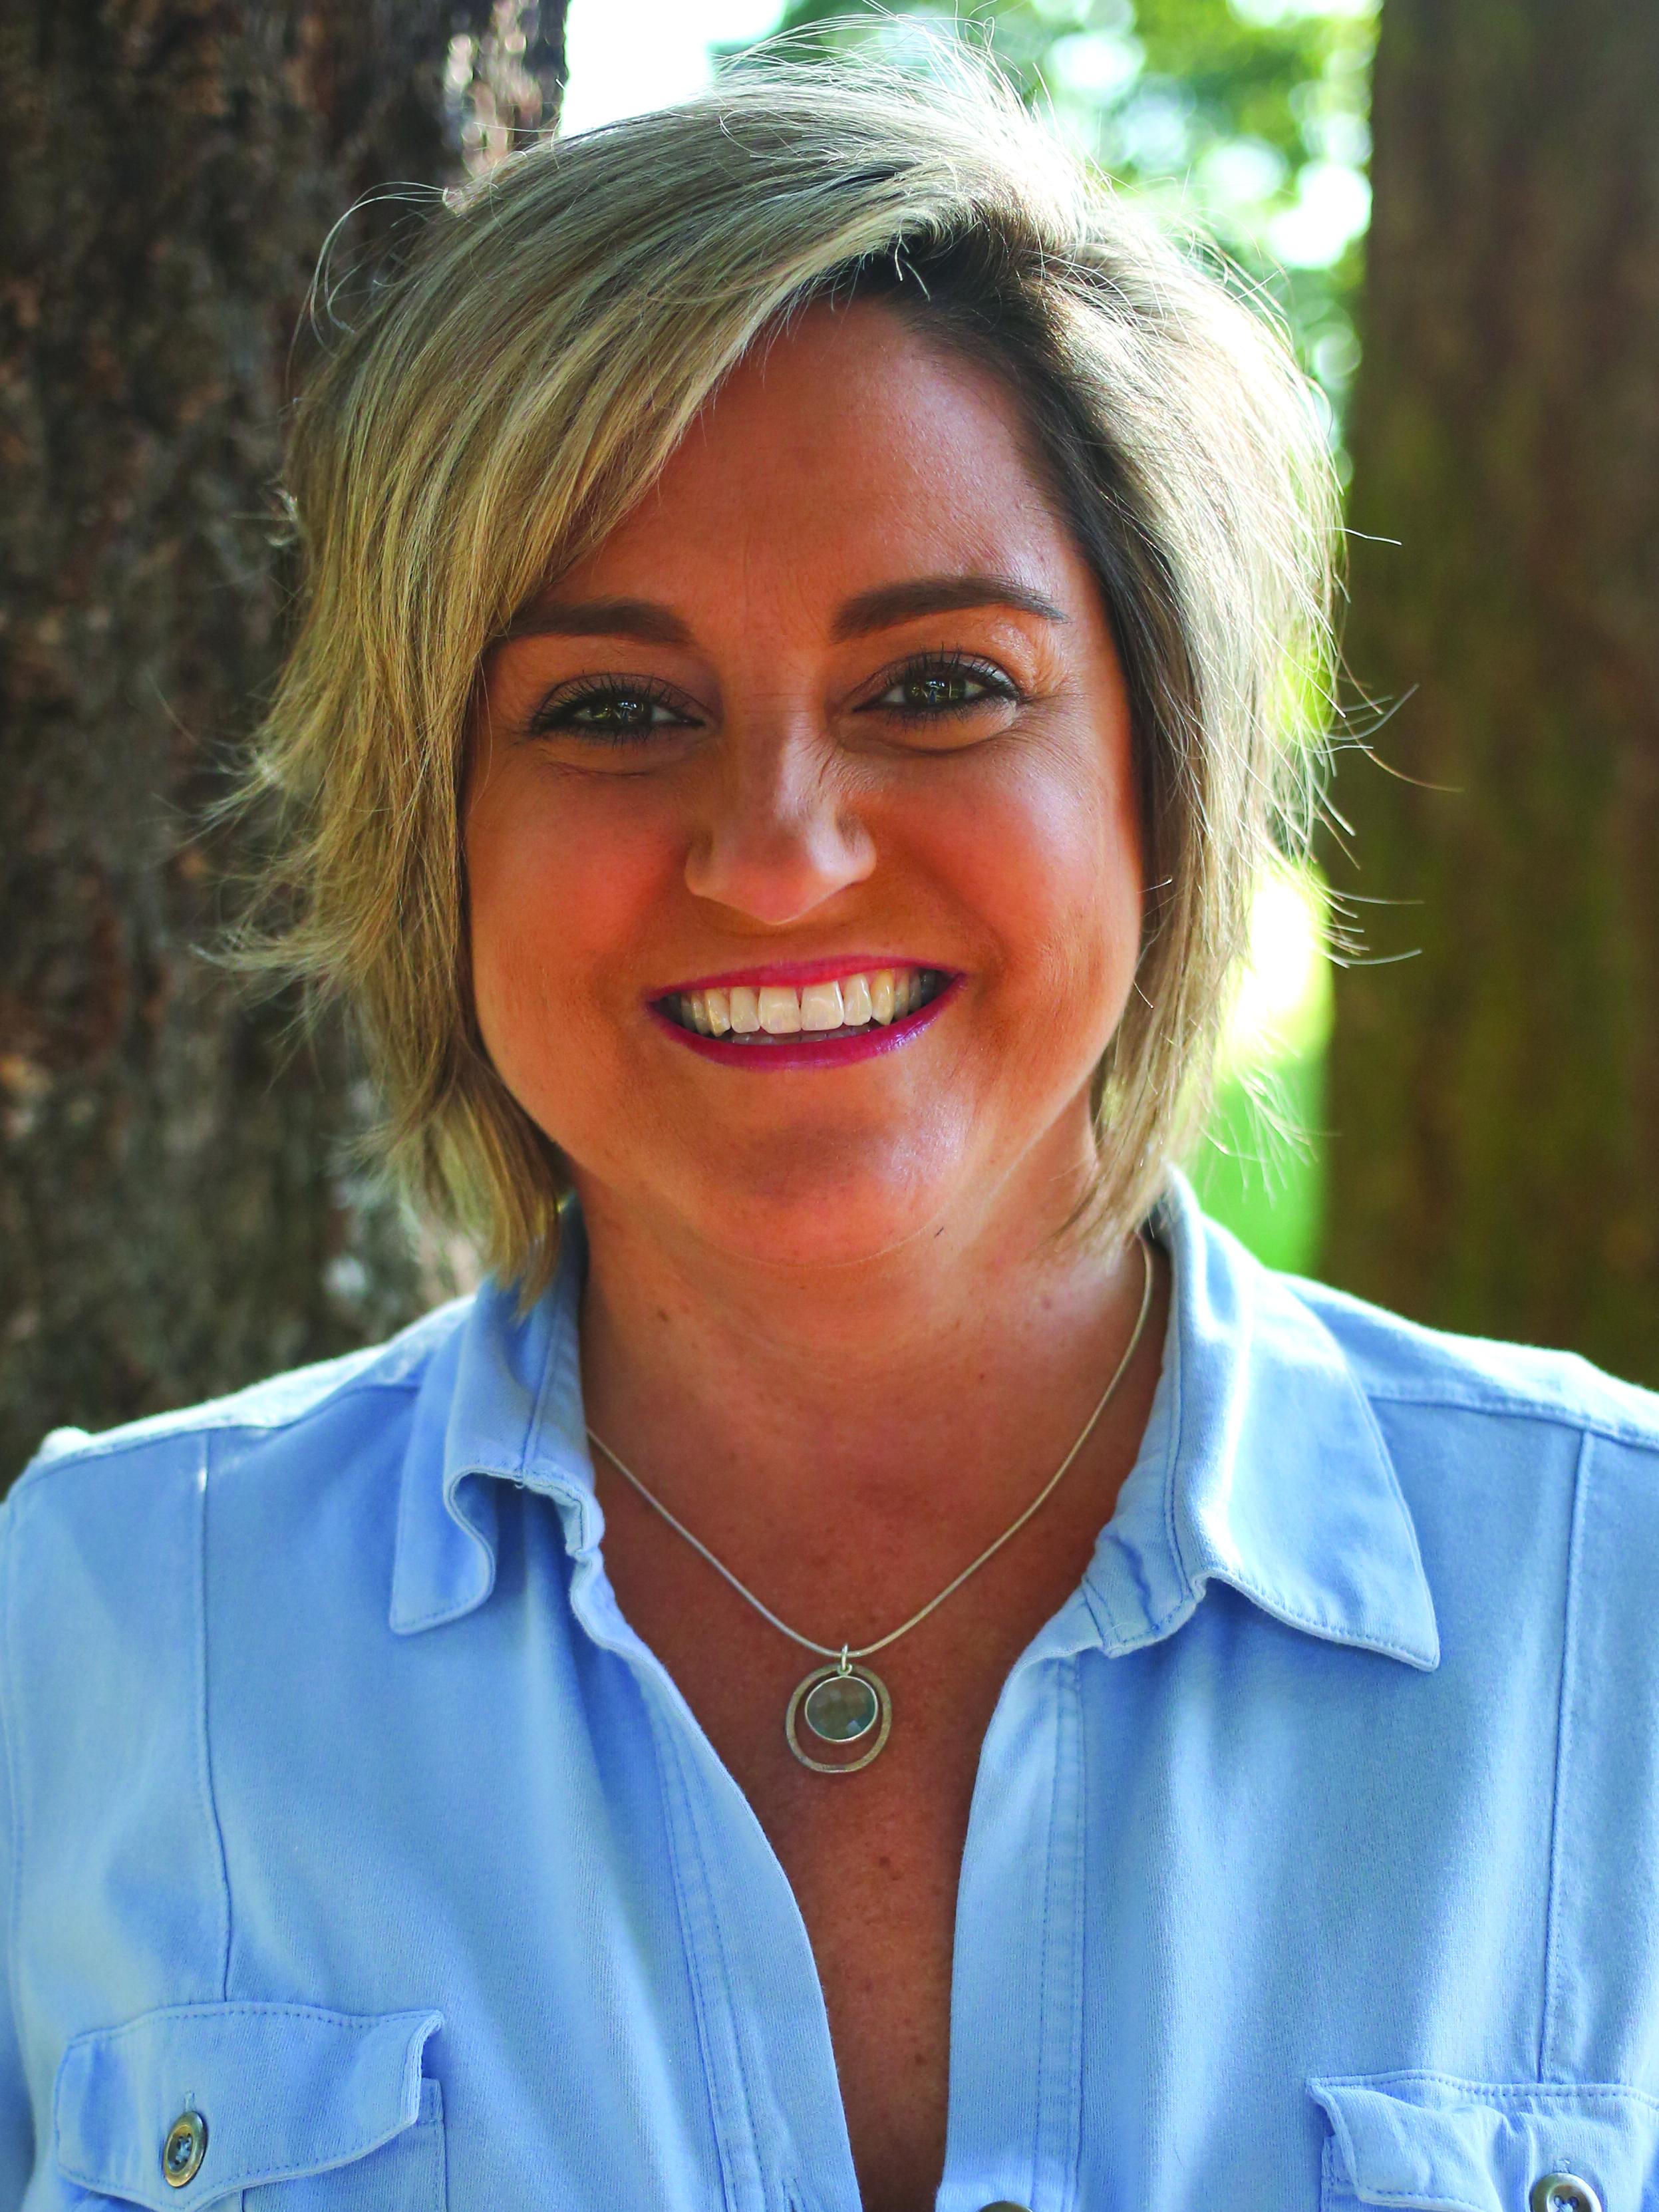 Shondra Holliday